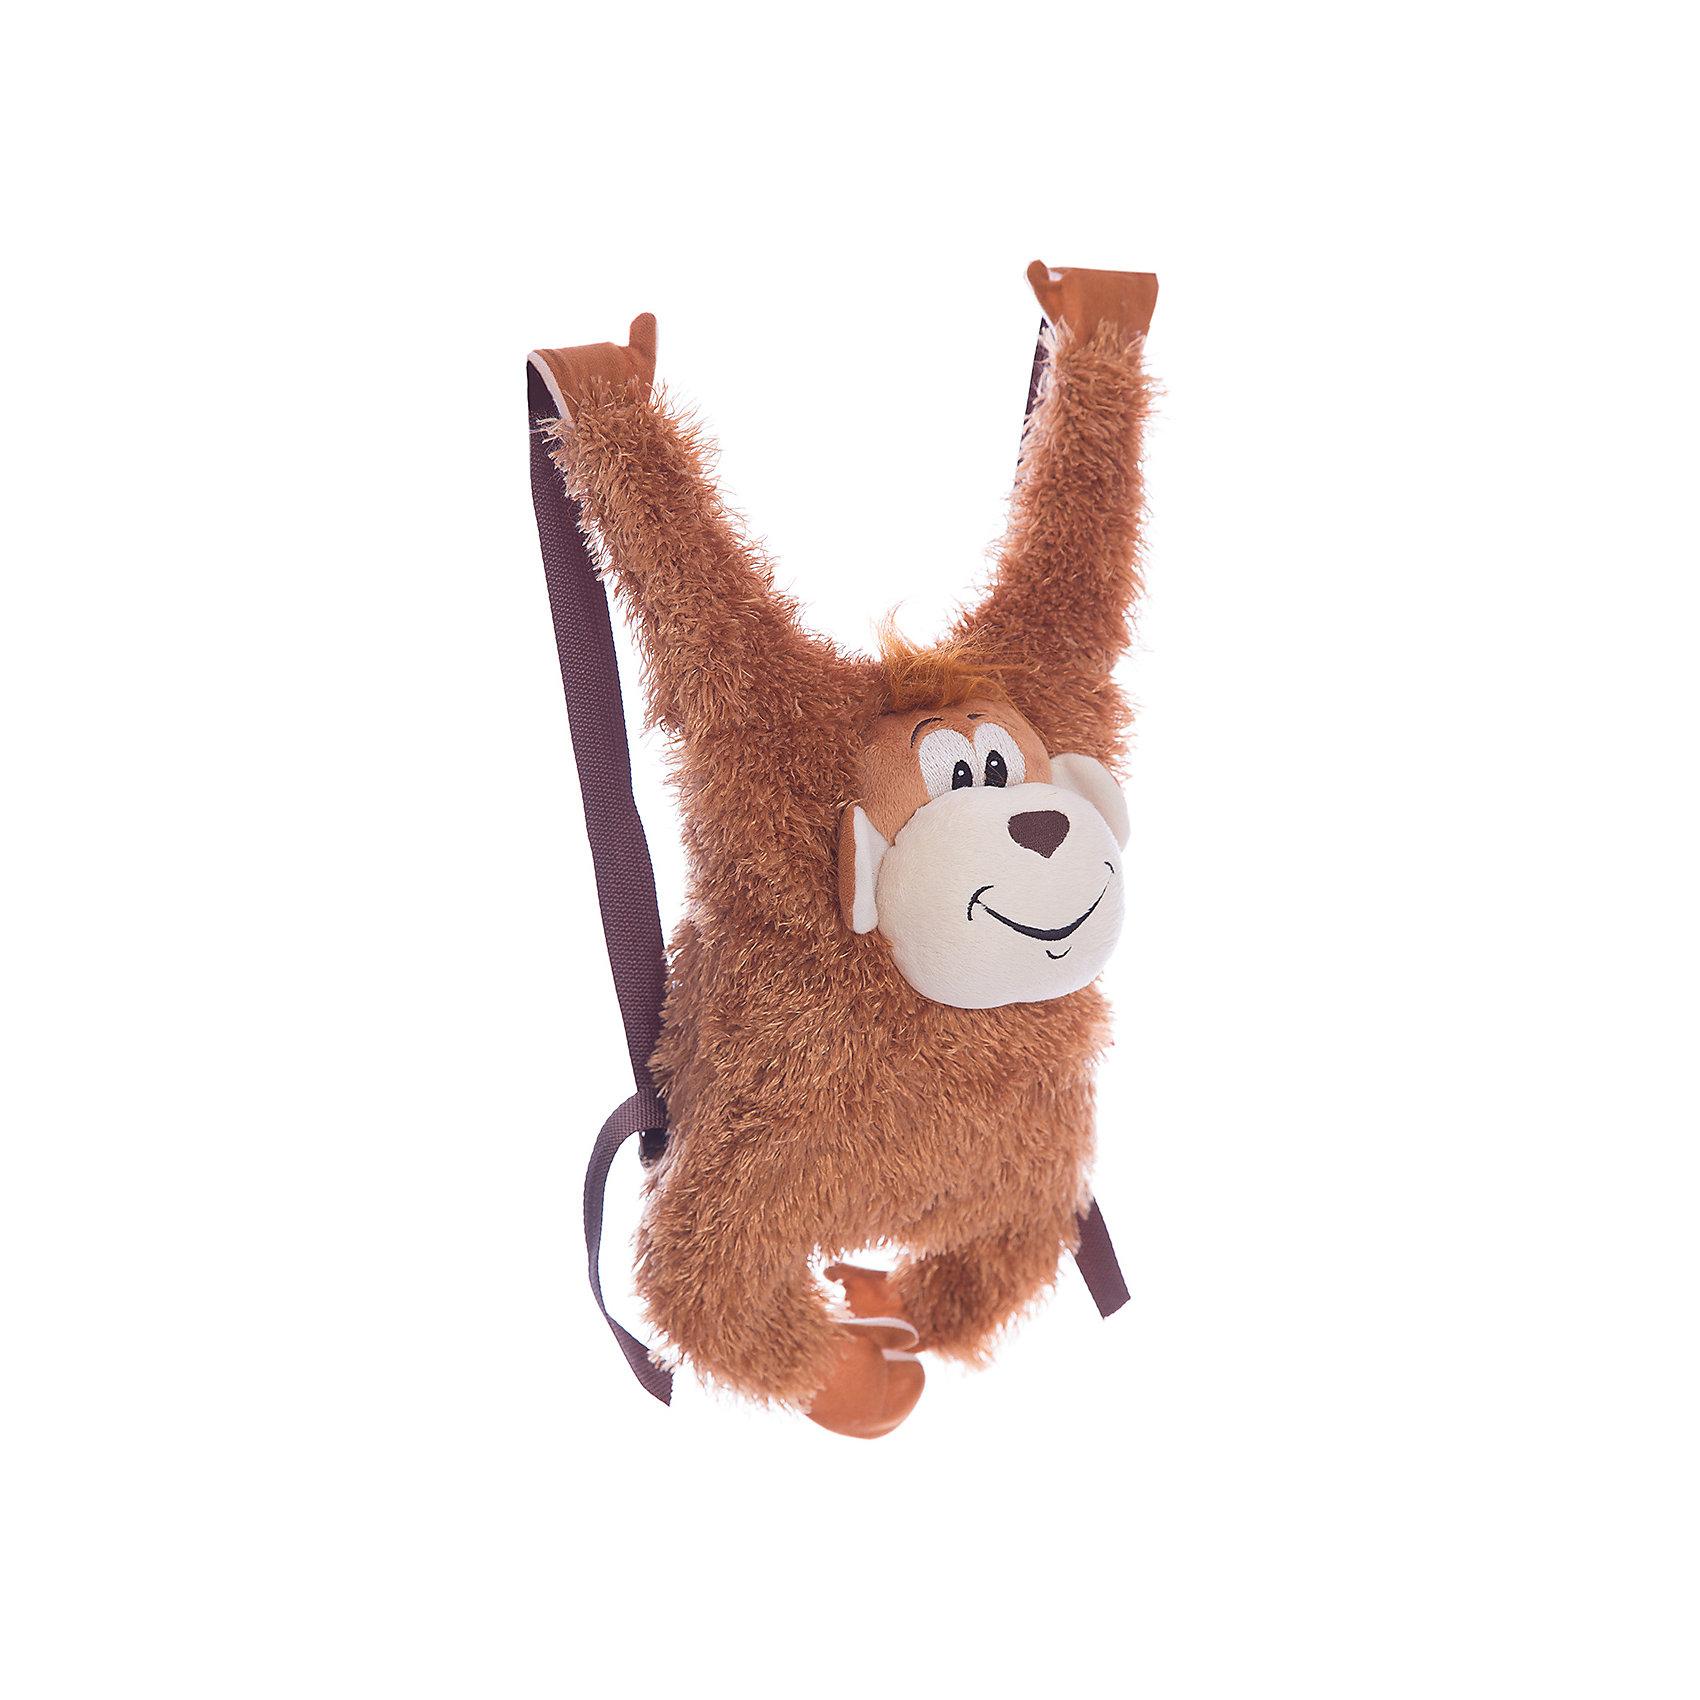 Сумка-рюкзак детская «Обезьянка»Детские рюкзаки<br>Сумка-рюкзак детская «Обезьянка», Fancy.<br><br>Характеристика:<br><br>• Материал: текстиль.  <br>• Размер: 20х8х53 см.<br>• Текстильные плечевые ремни. <br>• Тип застежки: молния. <br>• Количество отделений: 1<br>• Мягкий, приятный на ощупь материал. <br>• Оригинальный дизайн. <br><br>Оригинальный рюкзак, выполненный в виде озорной обезьянки, понравится как девочкам, так и мальчикам. Рюкзак имеет текстильные плечевые лямки, одно вместительное отделение, застегивается на пластиковую молнию. Аксессуар выполнен из искусственного гипоаллергенного меха, безопасного для детей, очень приятный на ощупь. <br><br>Сумку-рюкзак детскую «Обезьянка», Fancy, можно купить в нашем интернет-магазине.<br><br>Ширина мм: 530<br>Глубина мм: 230<br>Высота мм: 80<br>Вес г: 135<br>Возраст от месяцев: 36<br>Возраст до месяцев: 84<br>Пол: Женский<br>Возраст: Детский<br>SKU: 5016502